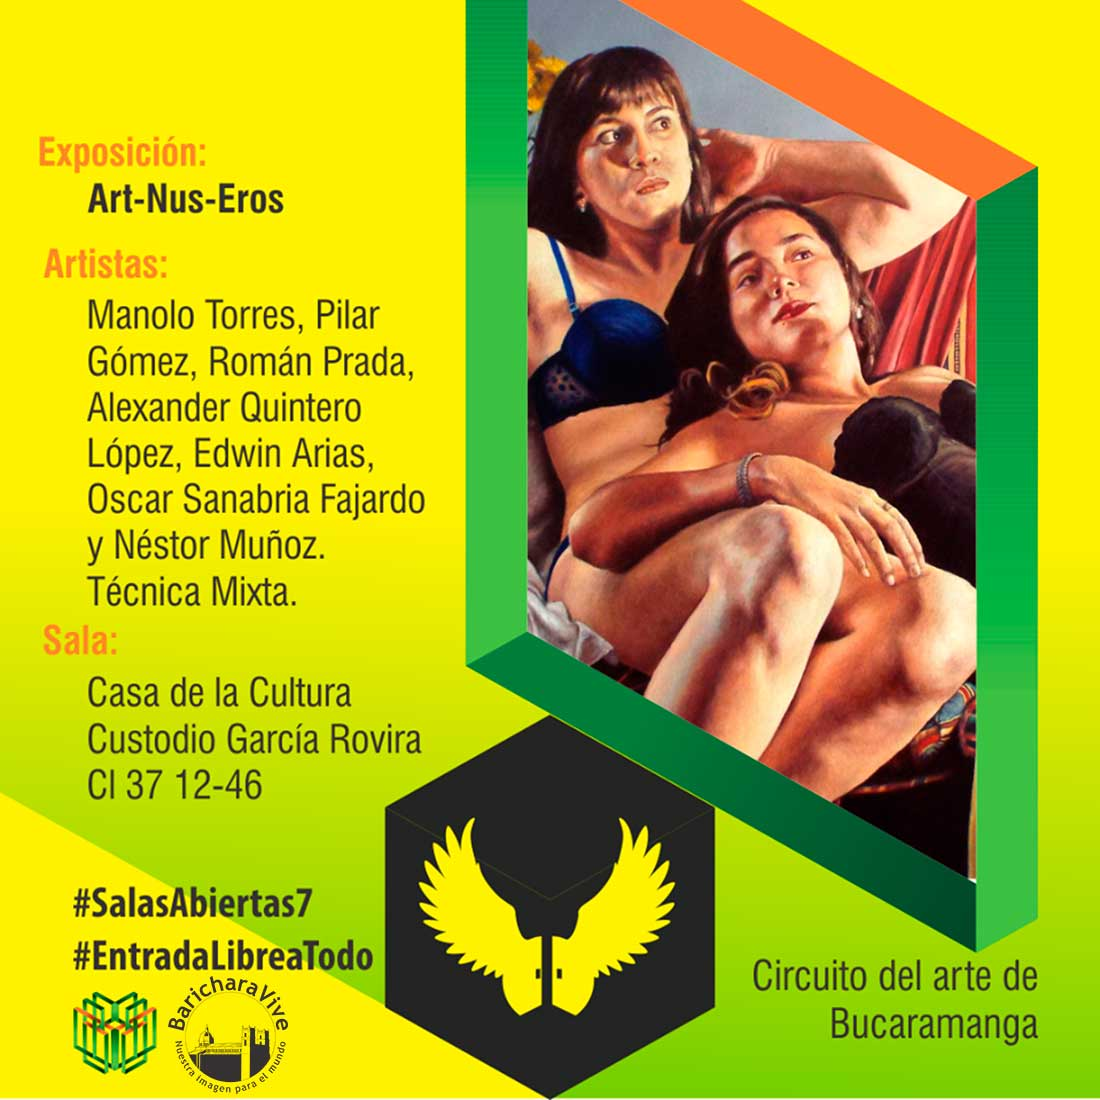 casa-de-la-cultura-custodio-garcia-rovira-7a-edicion-el-centro-con-las-salas-abiertas-bucaramanga-2017